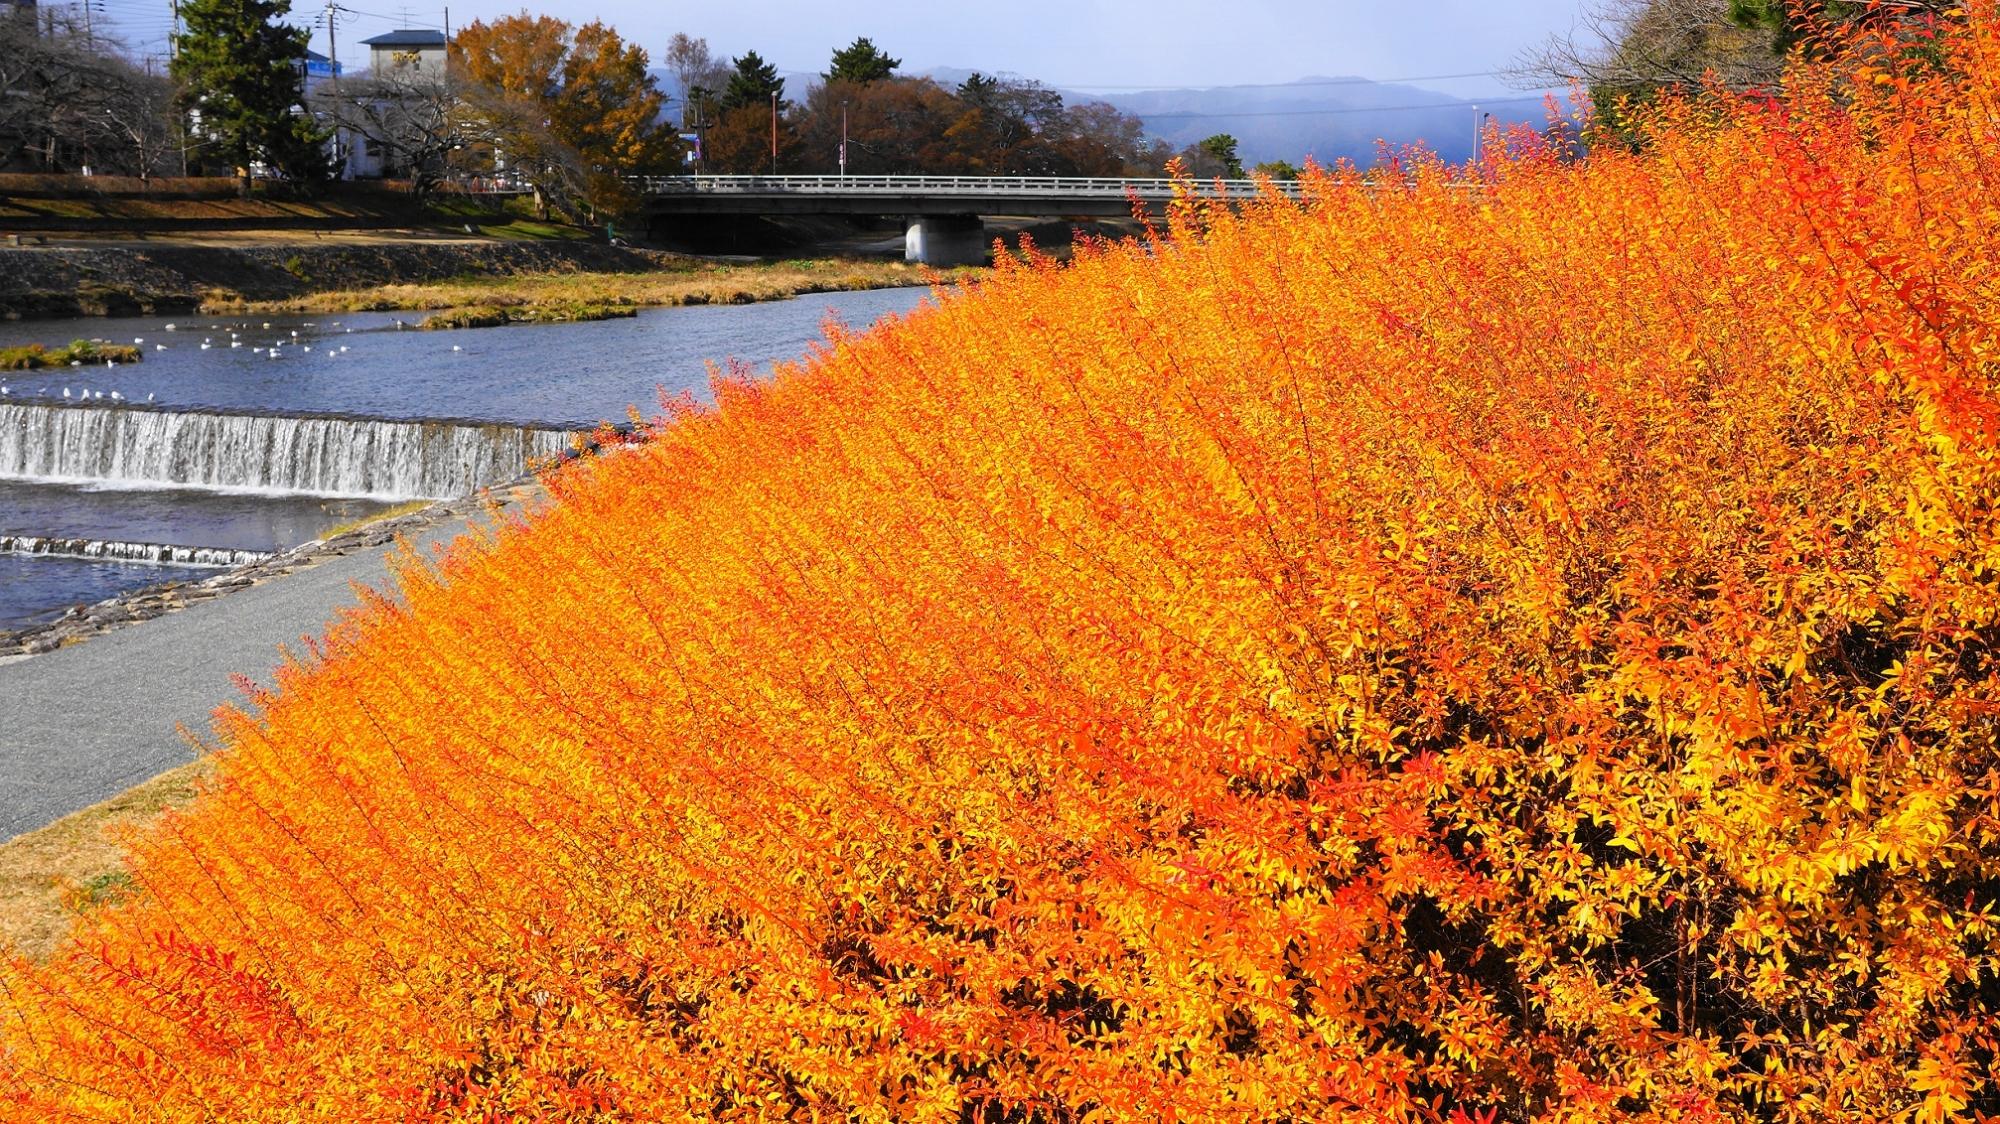 京都鴨川の華やかなオレンジ色の冬の雪柳(出町橋付近)